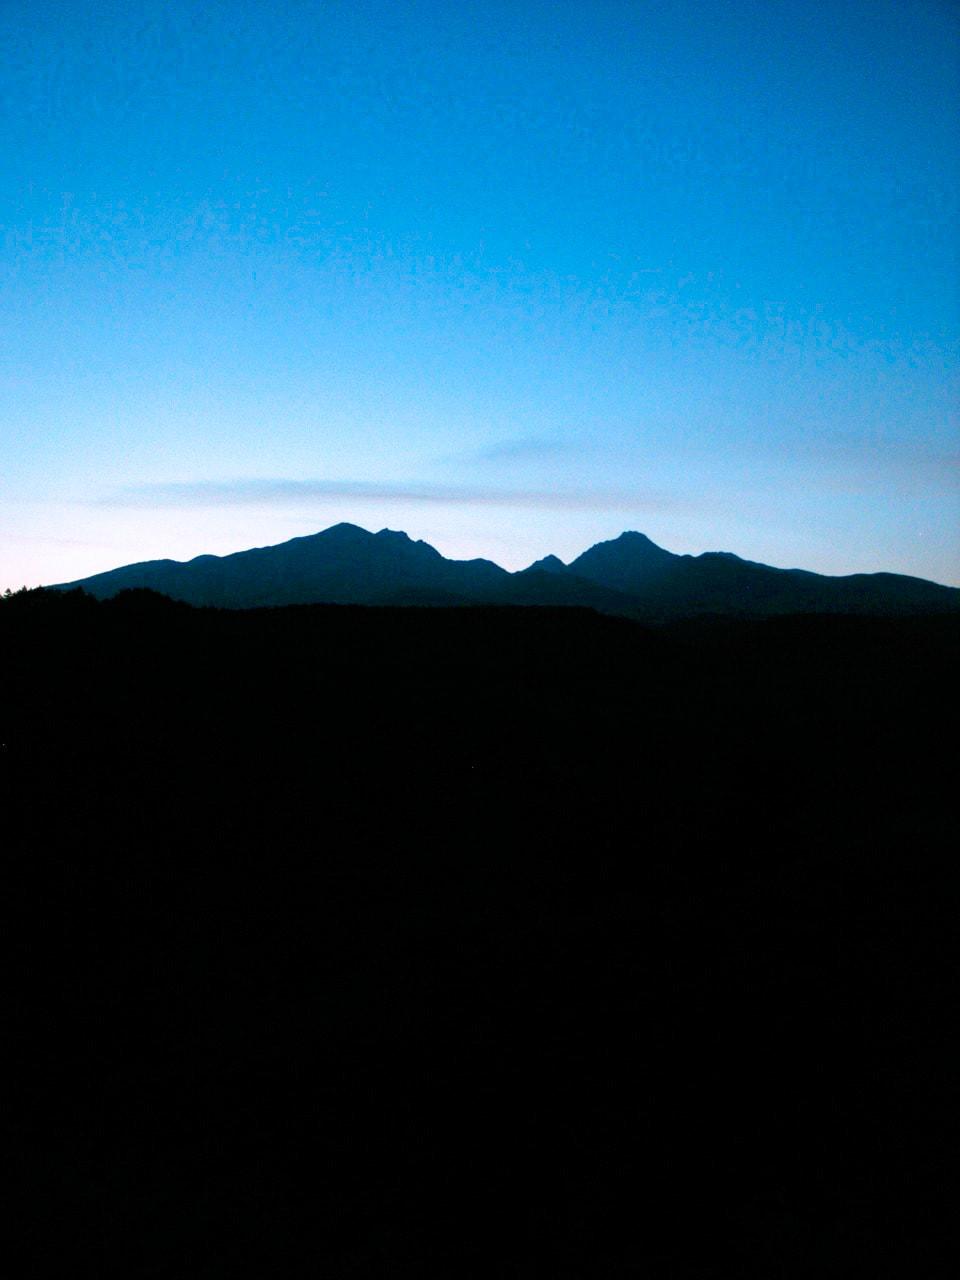 八ヶ岳シルエット 八ヶ岳田舎暮し 移住のススメ Morish Country